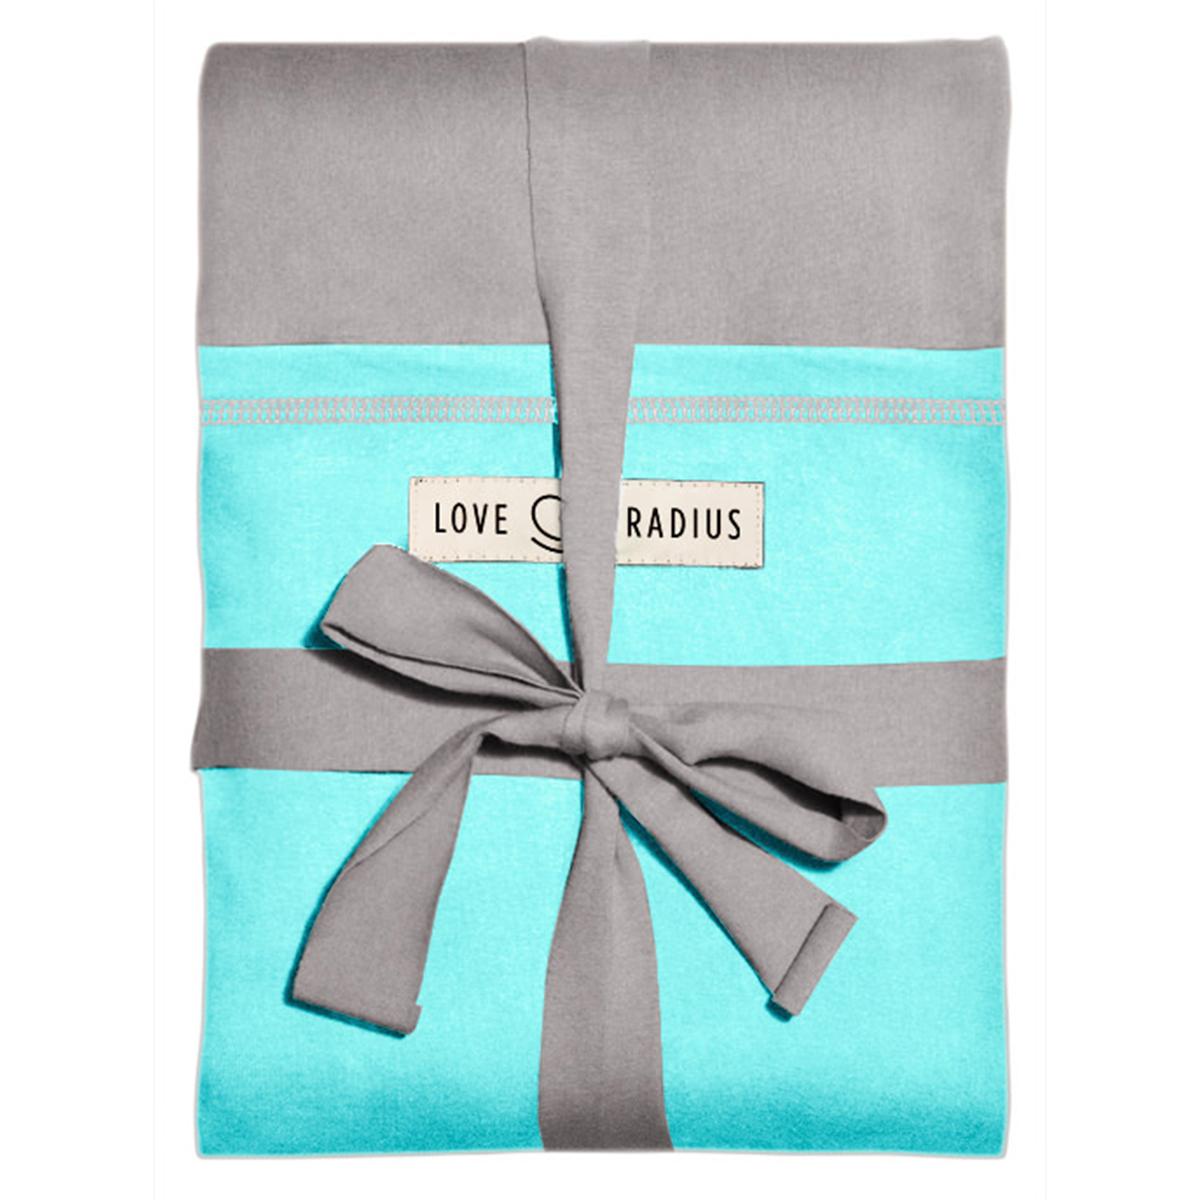 Porte bébé Echarpe de Portage L'Originale - Gris et Turquoise Echarpe de Portage L'Originale - Gris et Turquoise